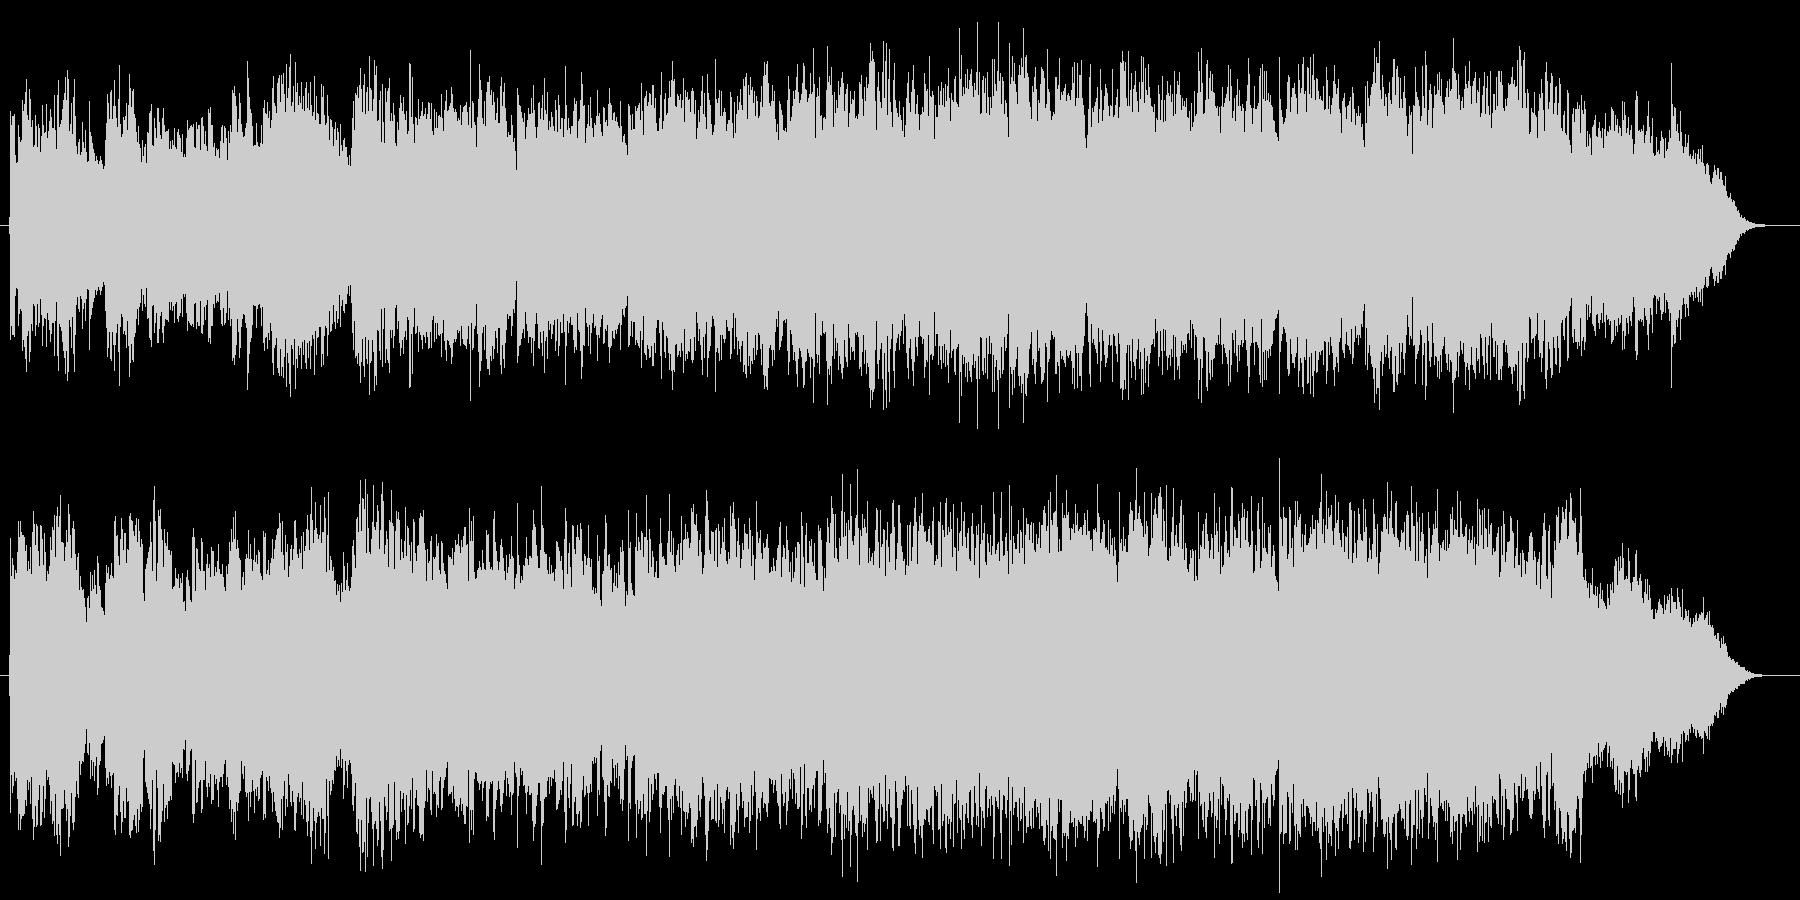 生演奏フルートがゆったりと優しいBGMの未再生の波形